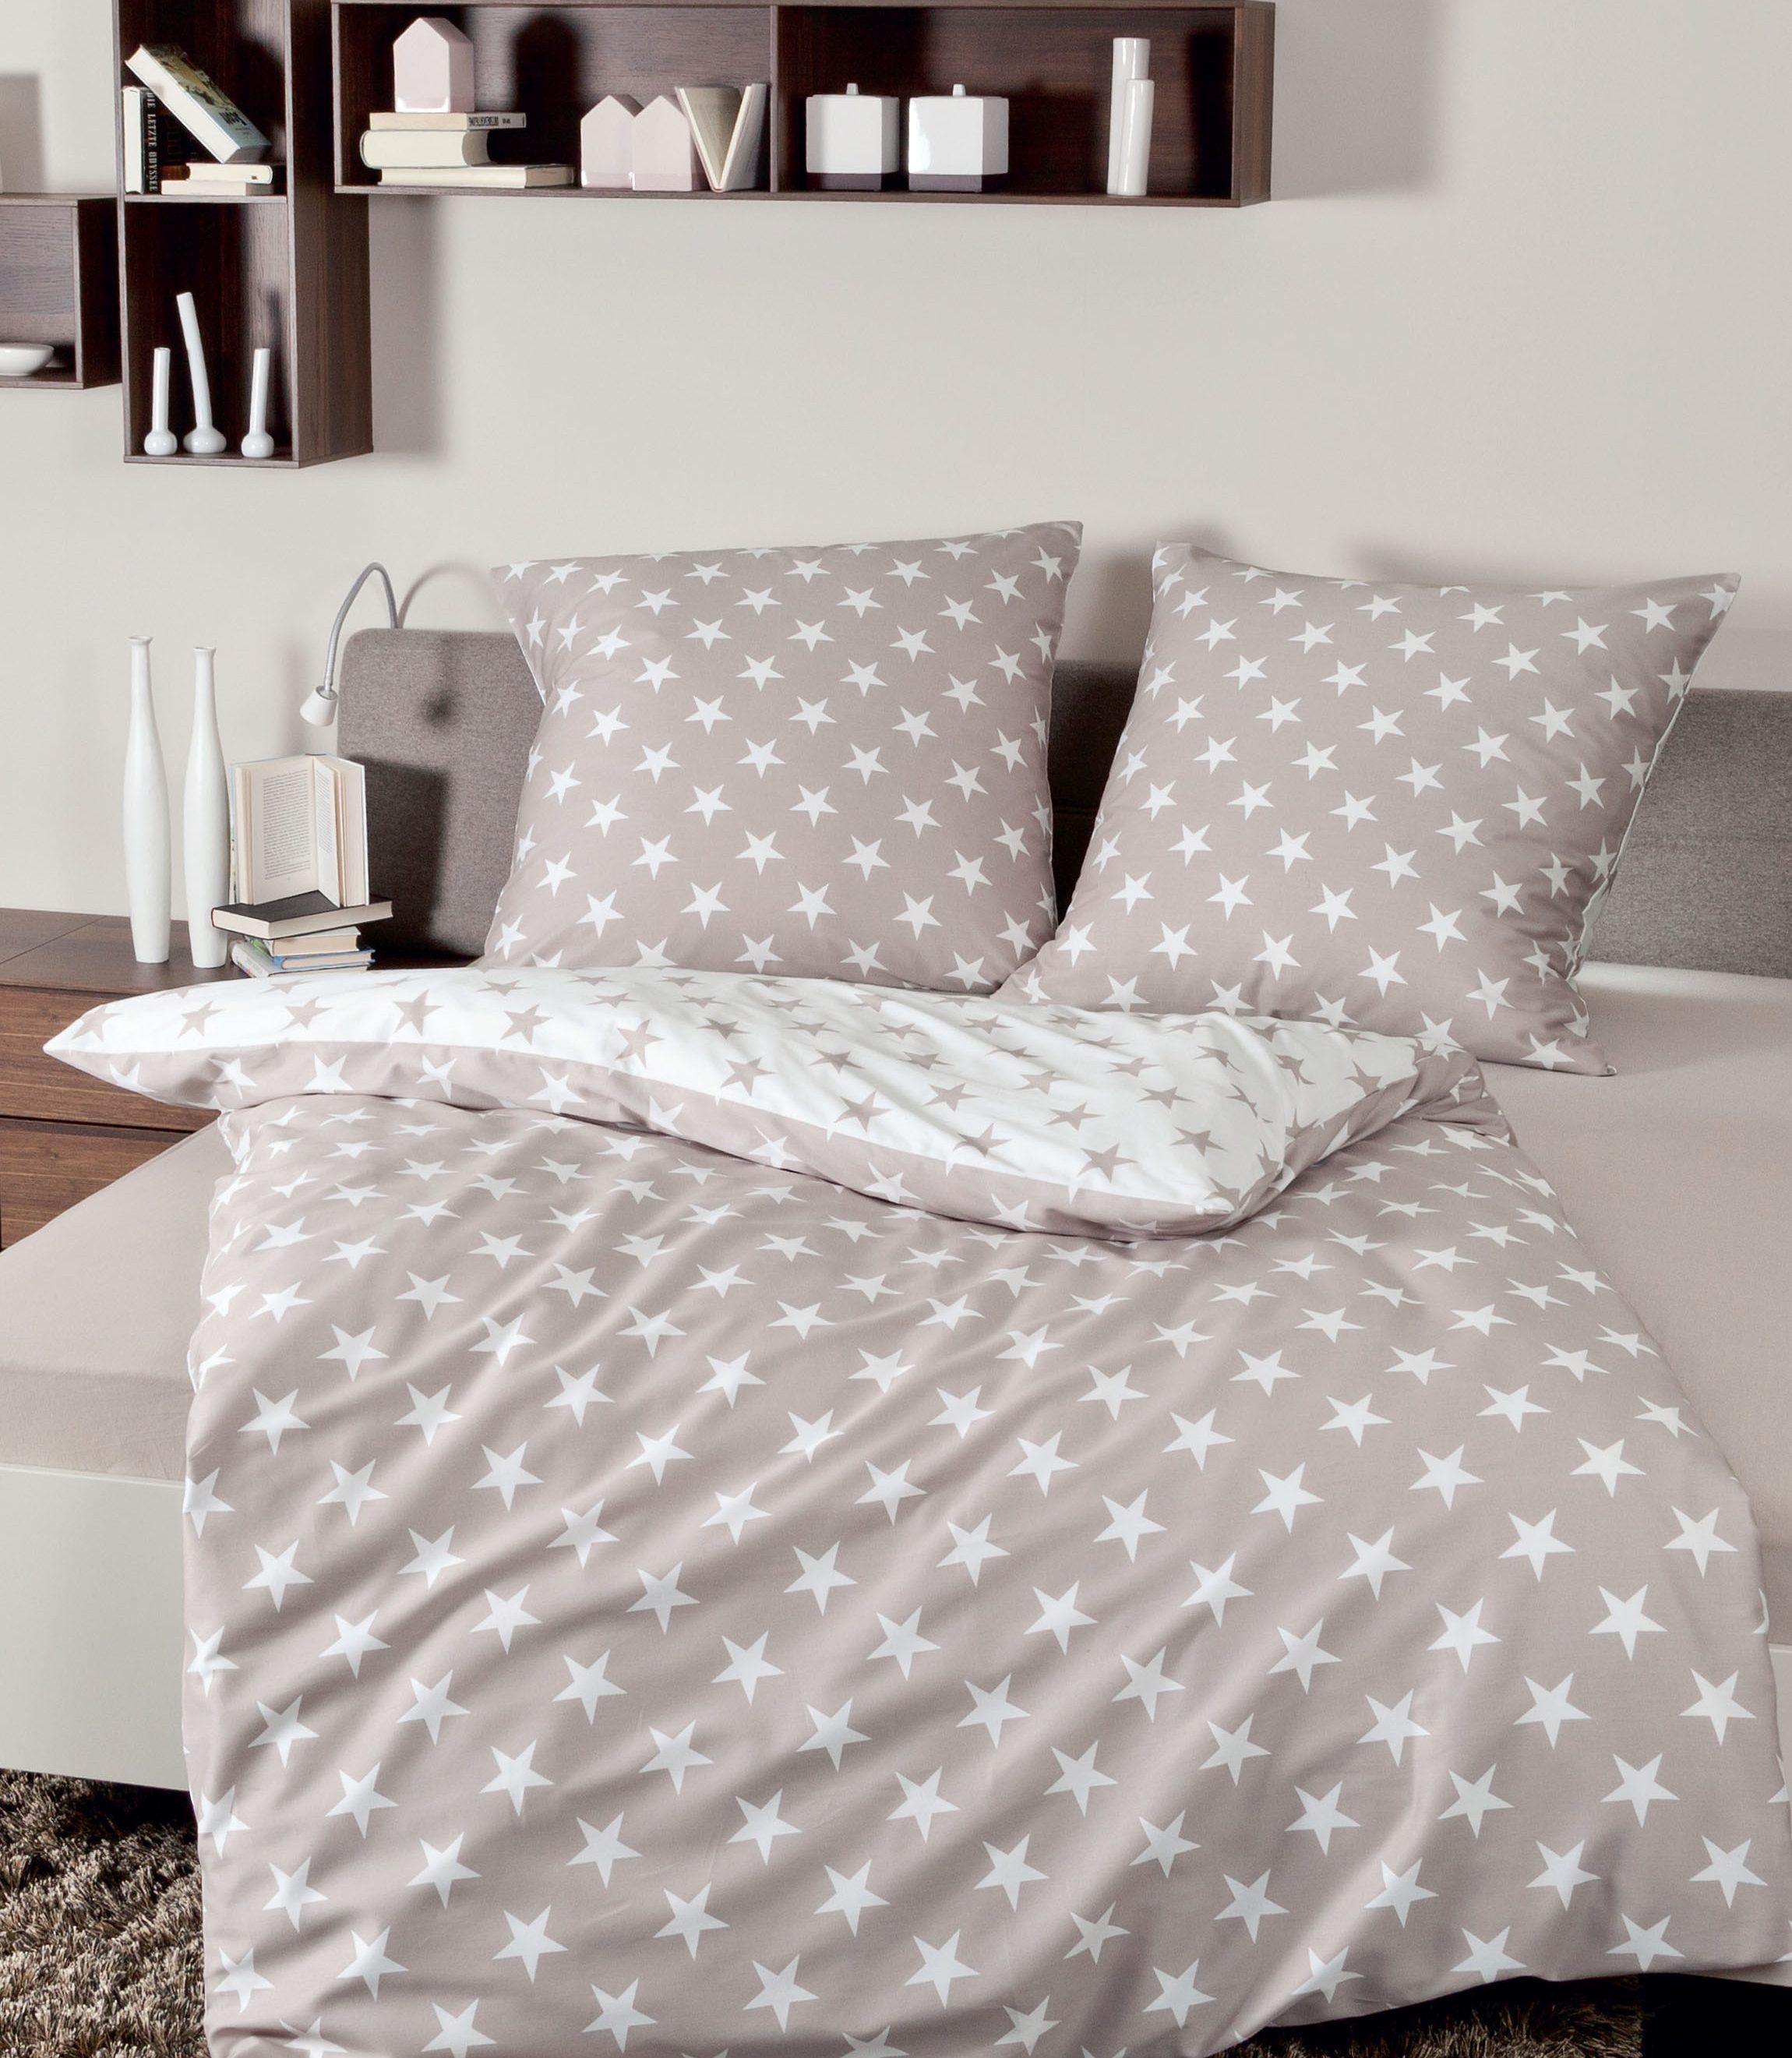 bettw sche sterne gr n bettw sche sterne 155220 elegant fotos bettw sche 155220 cm. Black Bedroom Furniture Sets. Home Design Ideas